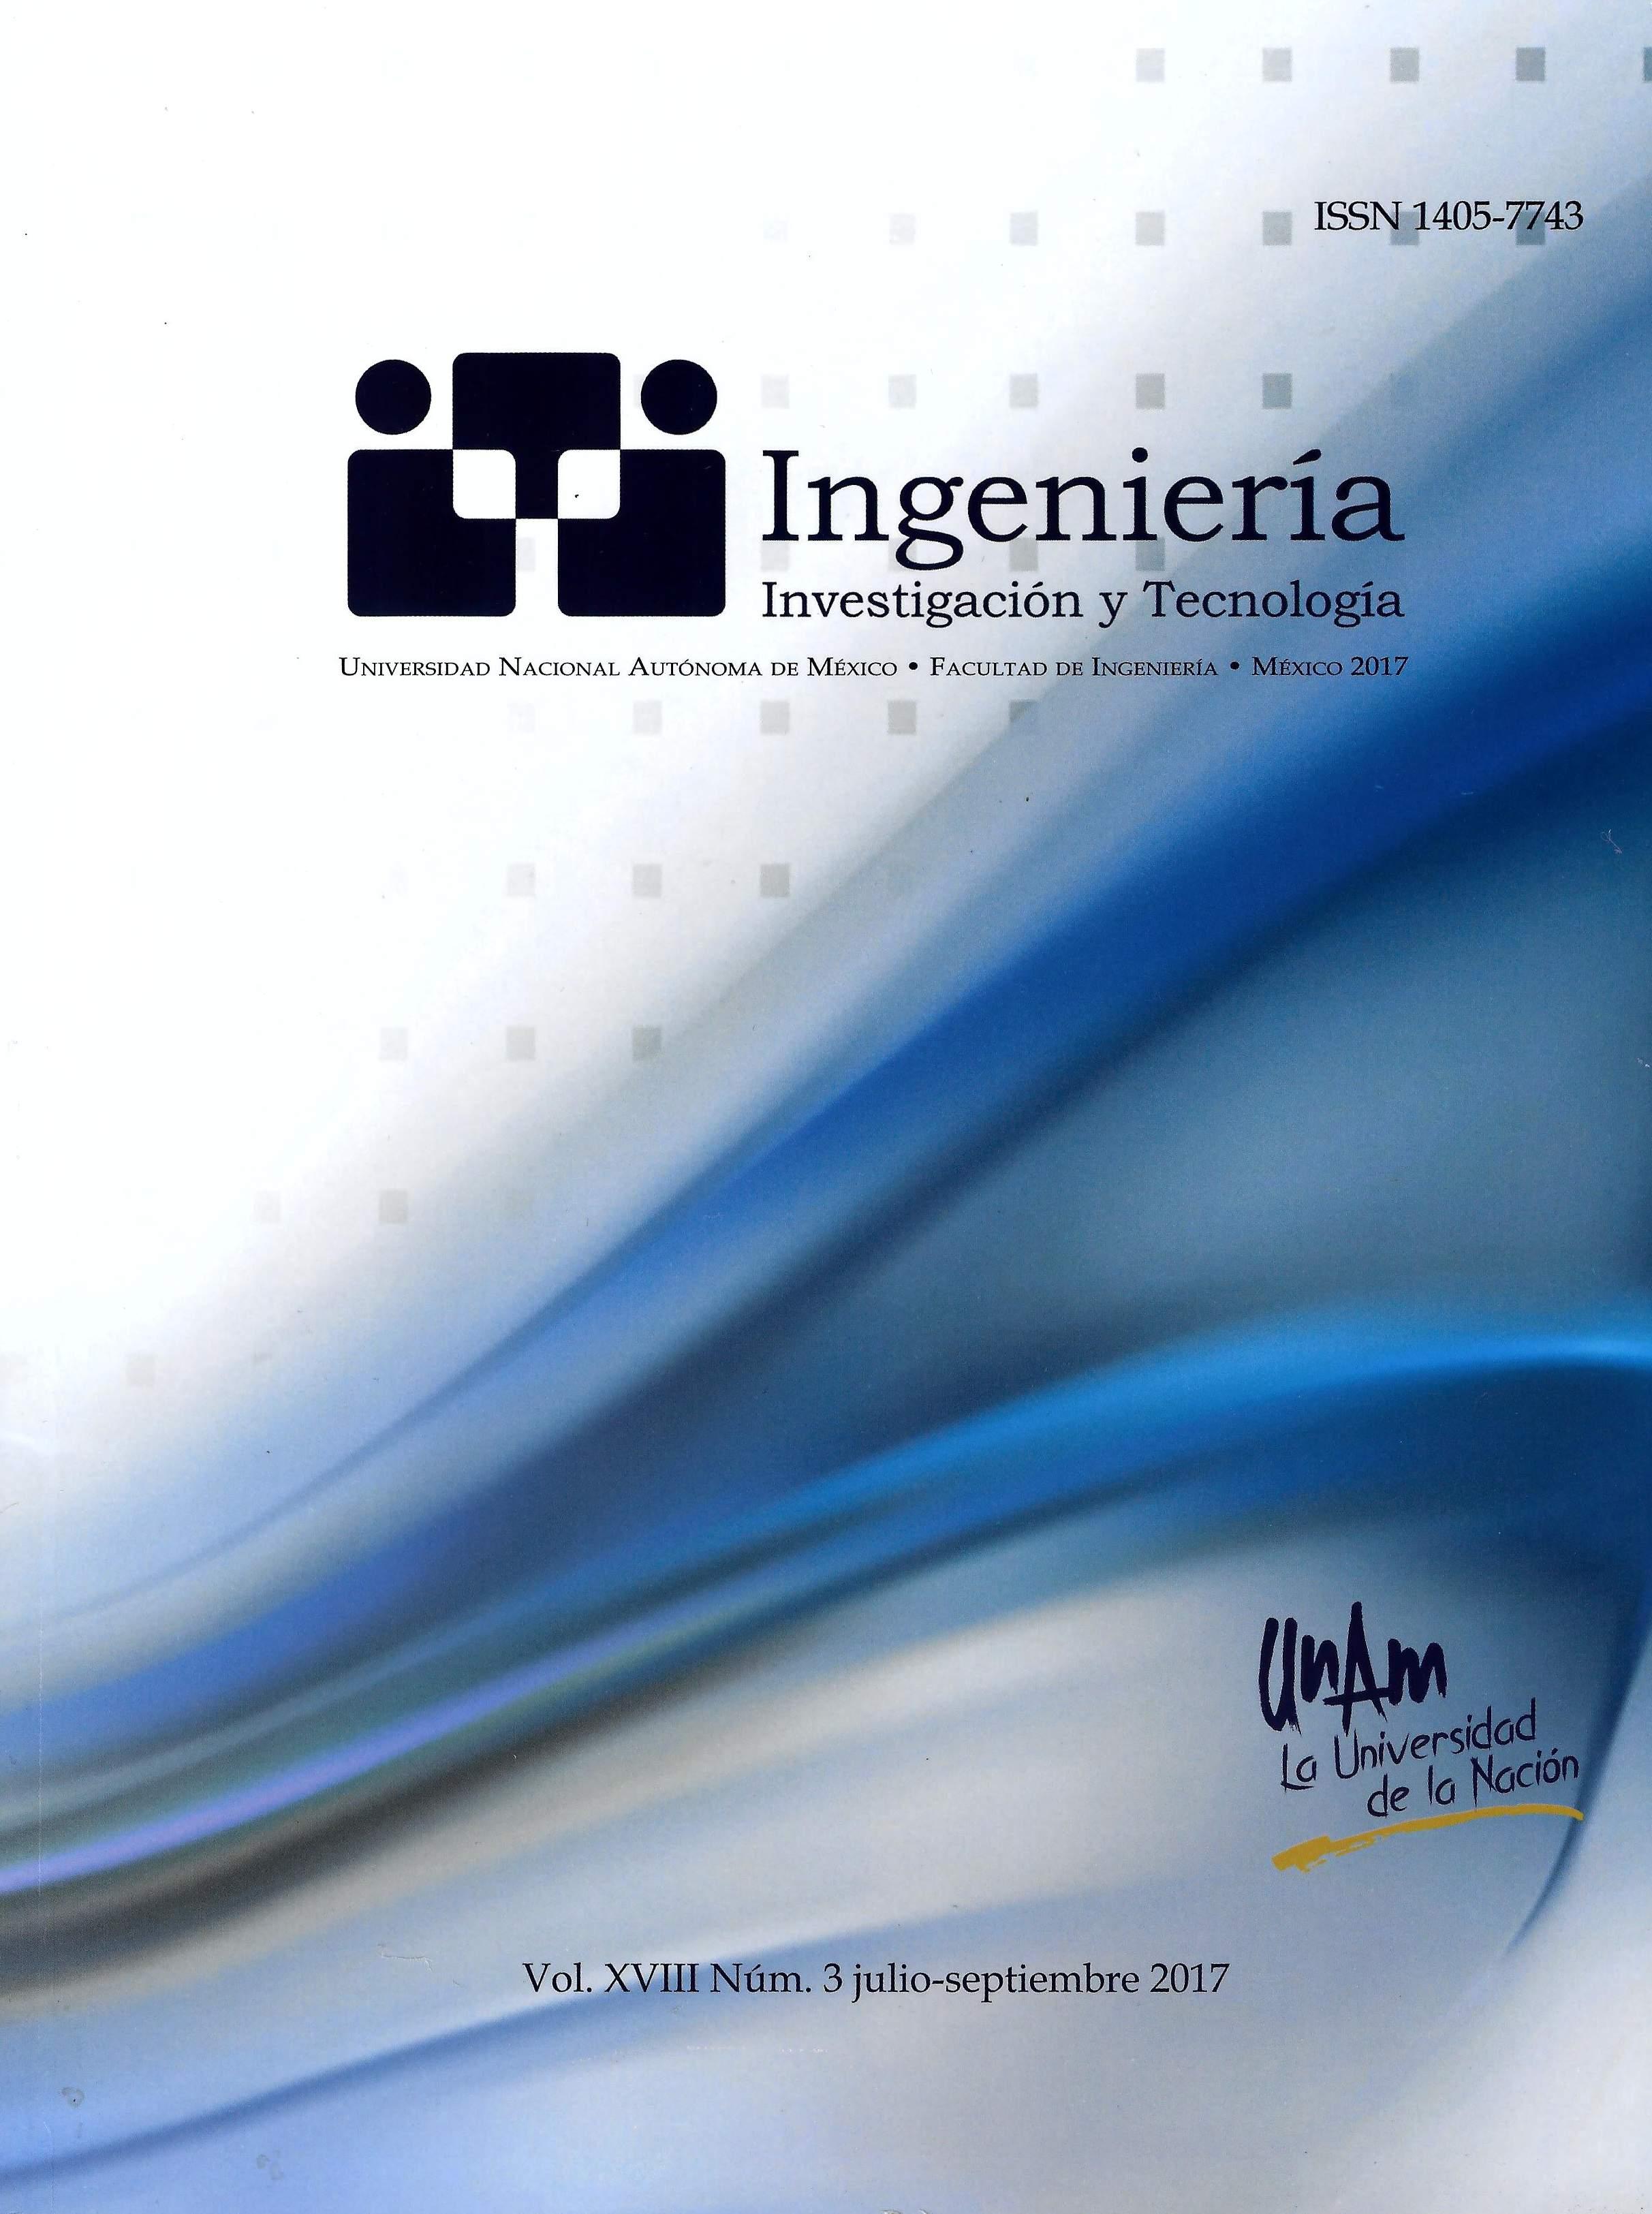 Revista ingeniería, investigación y tecnología, vol. XVIII, núm. 3, jul-sep, 2017